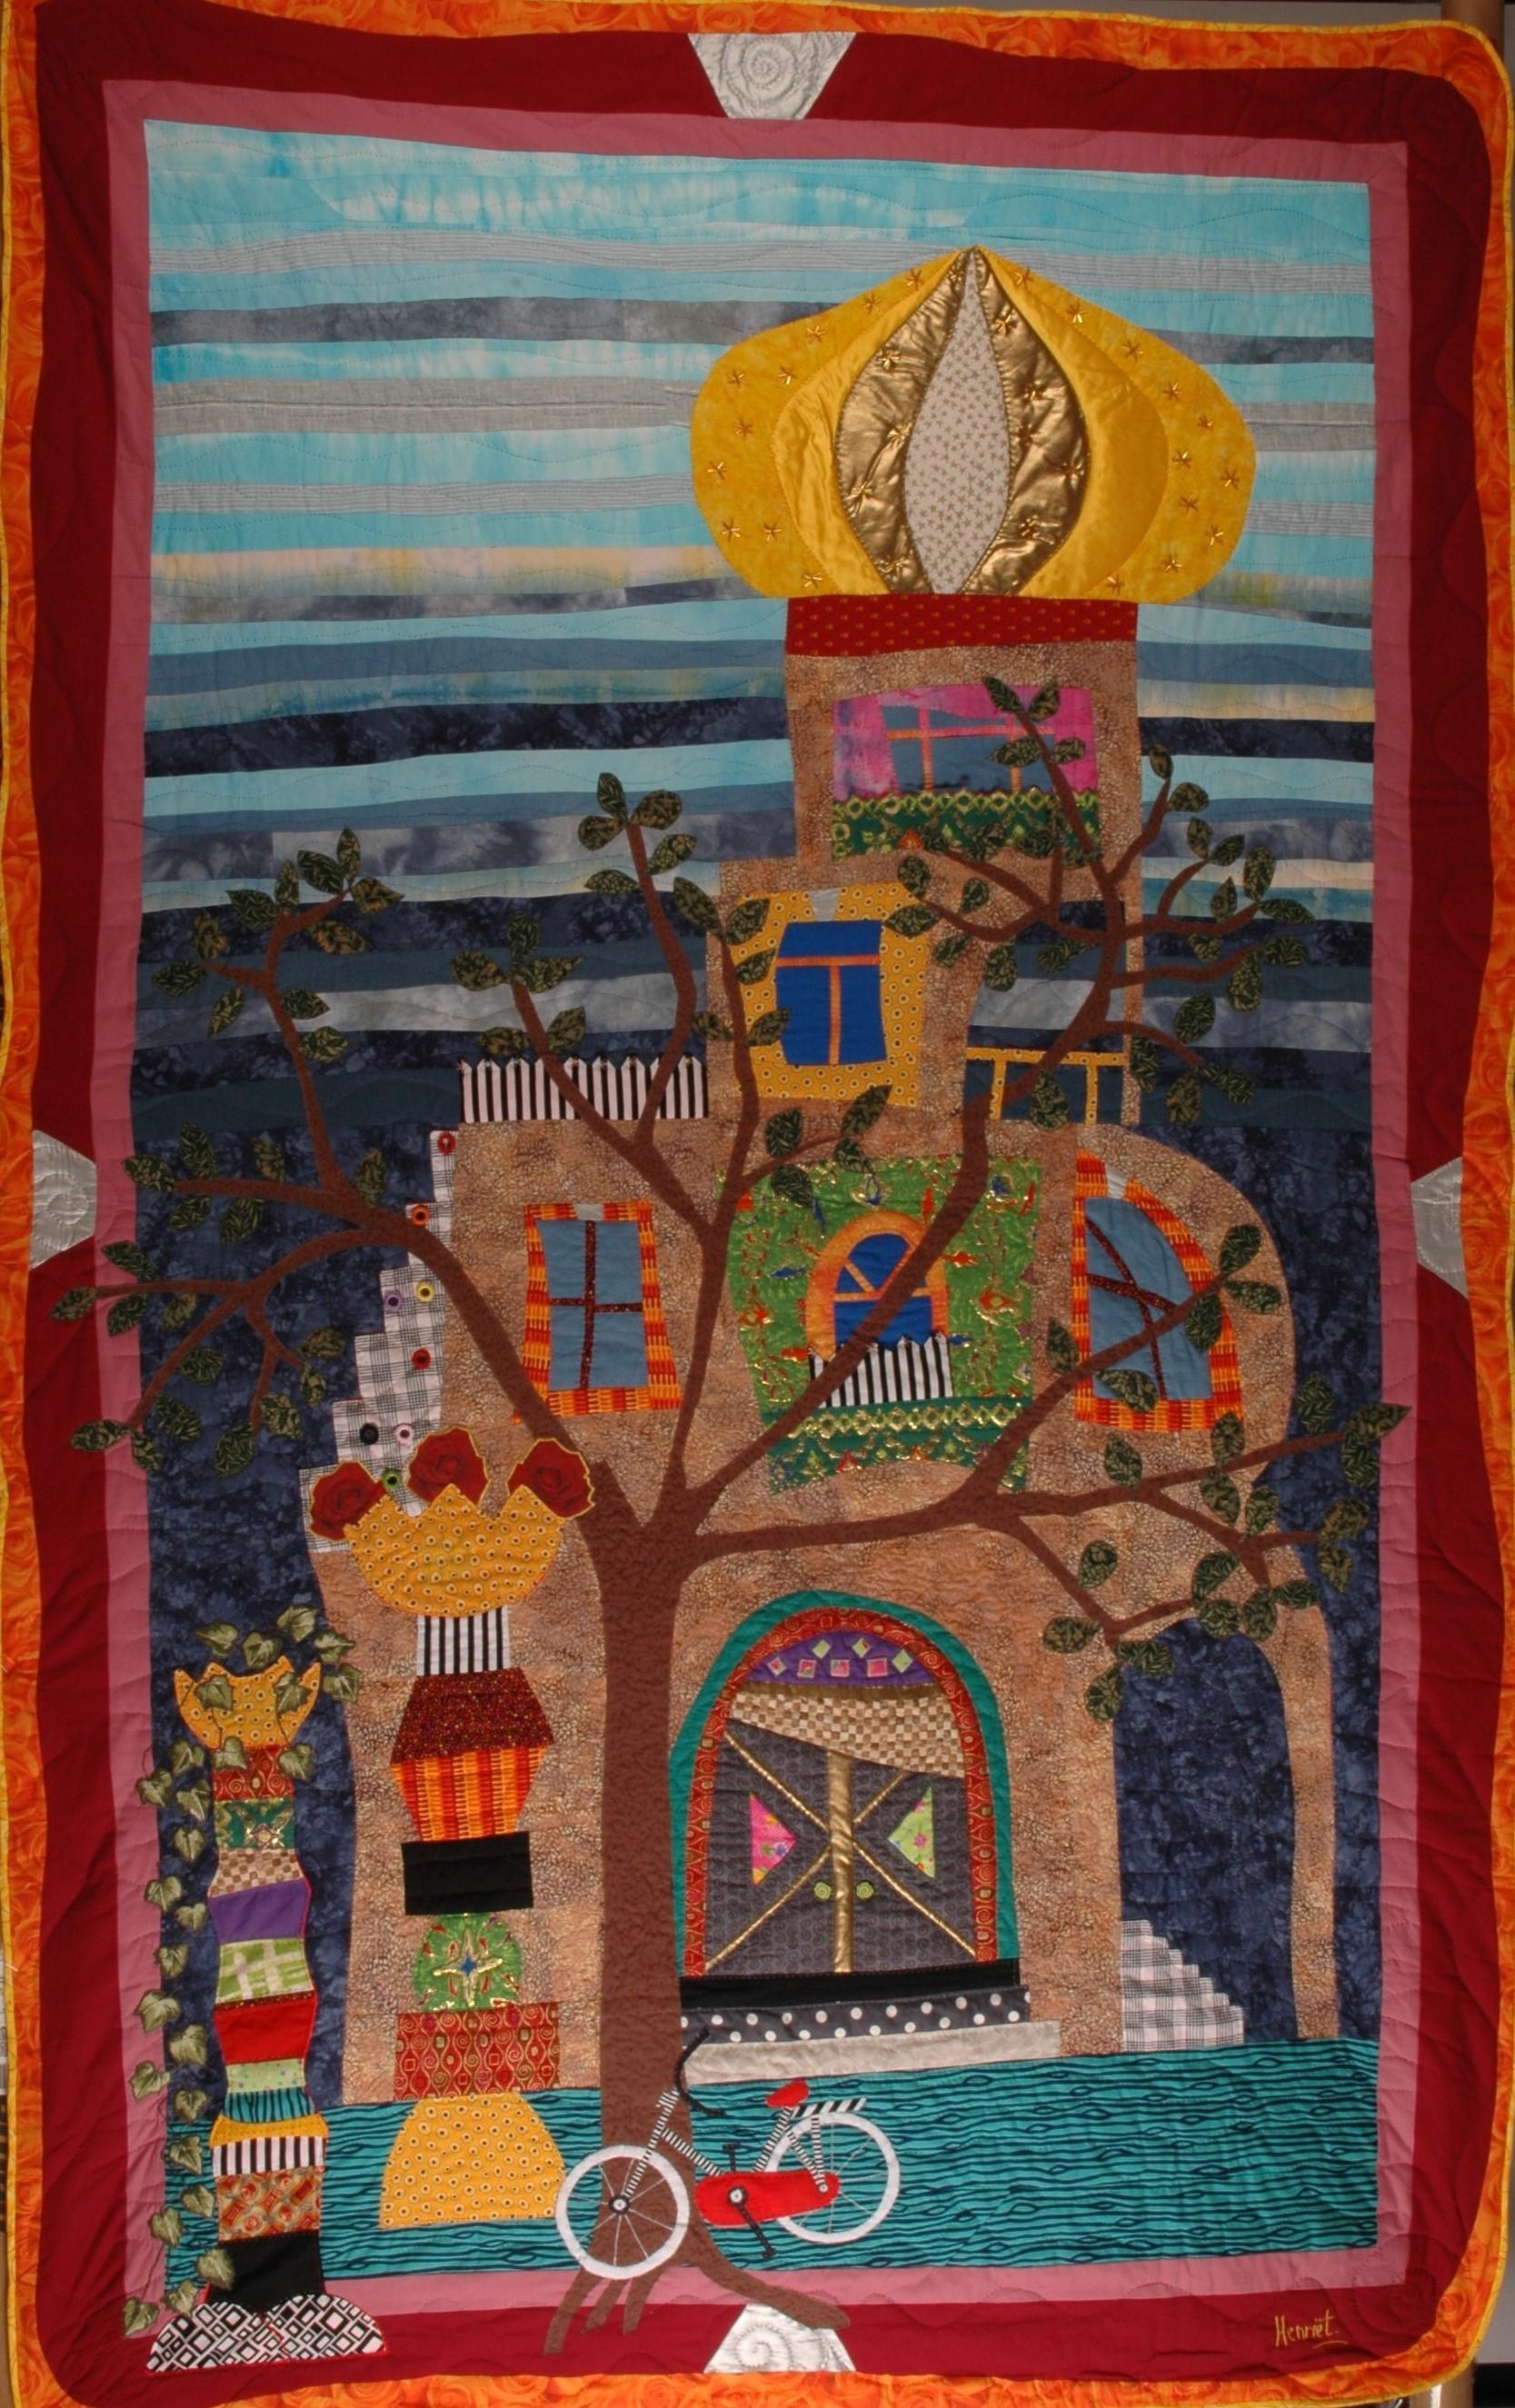 BGR 2004 Hundertwasser